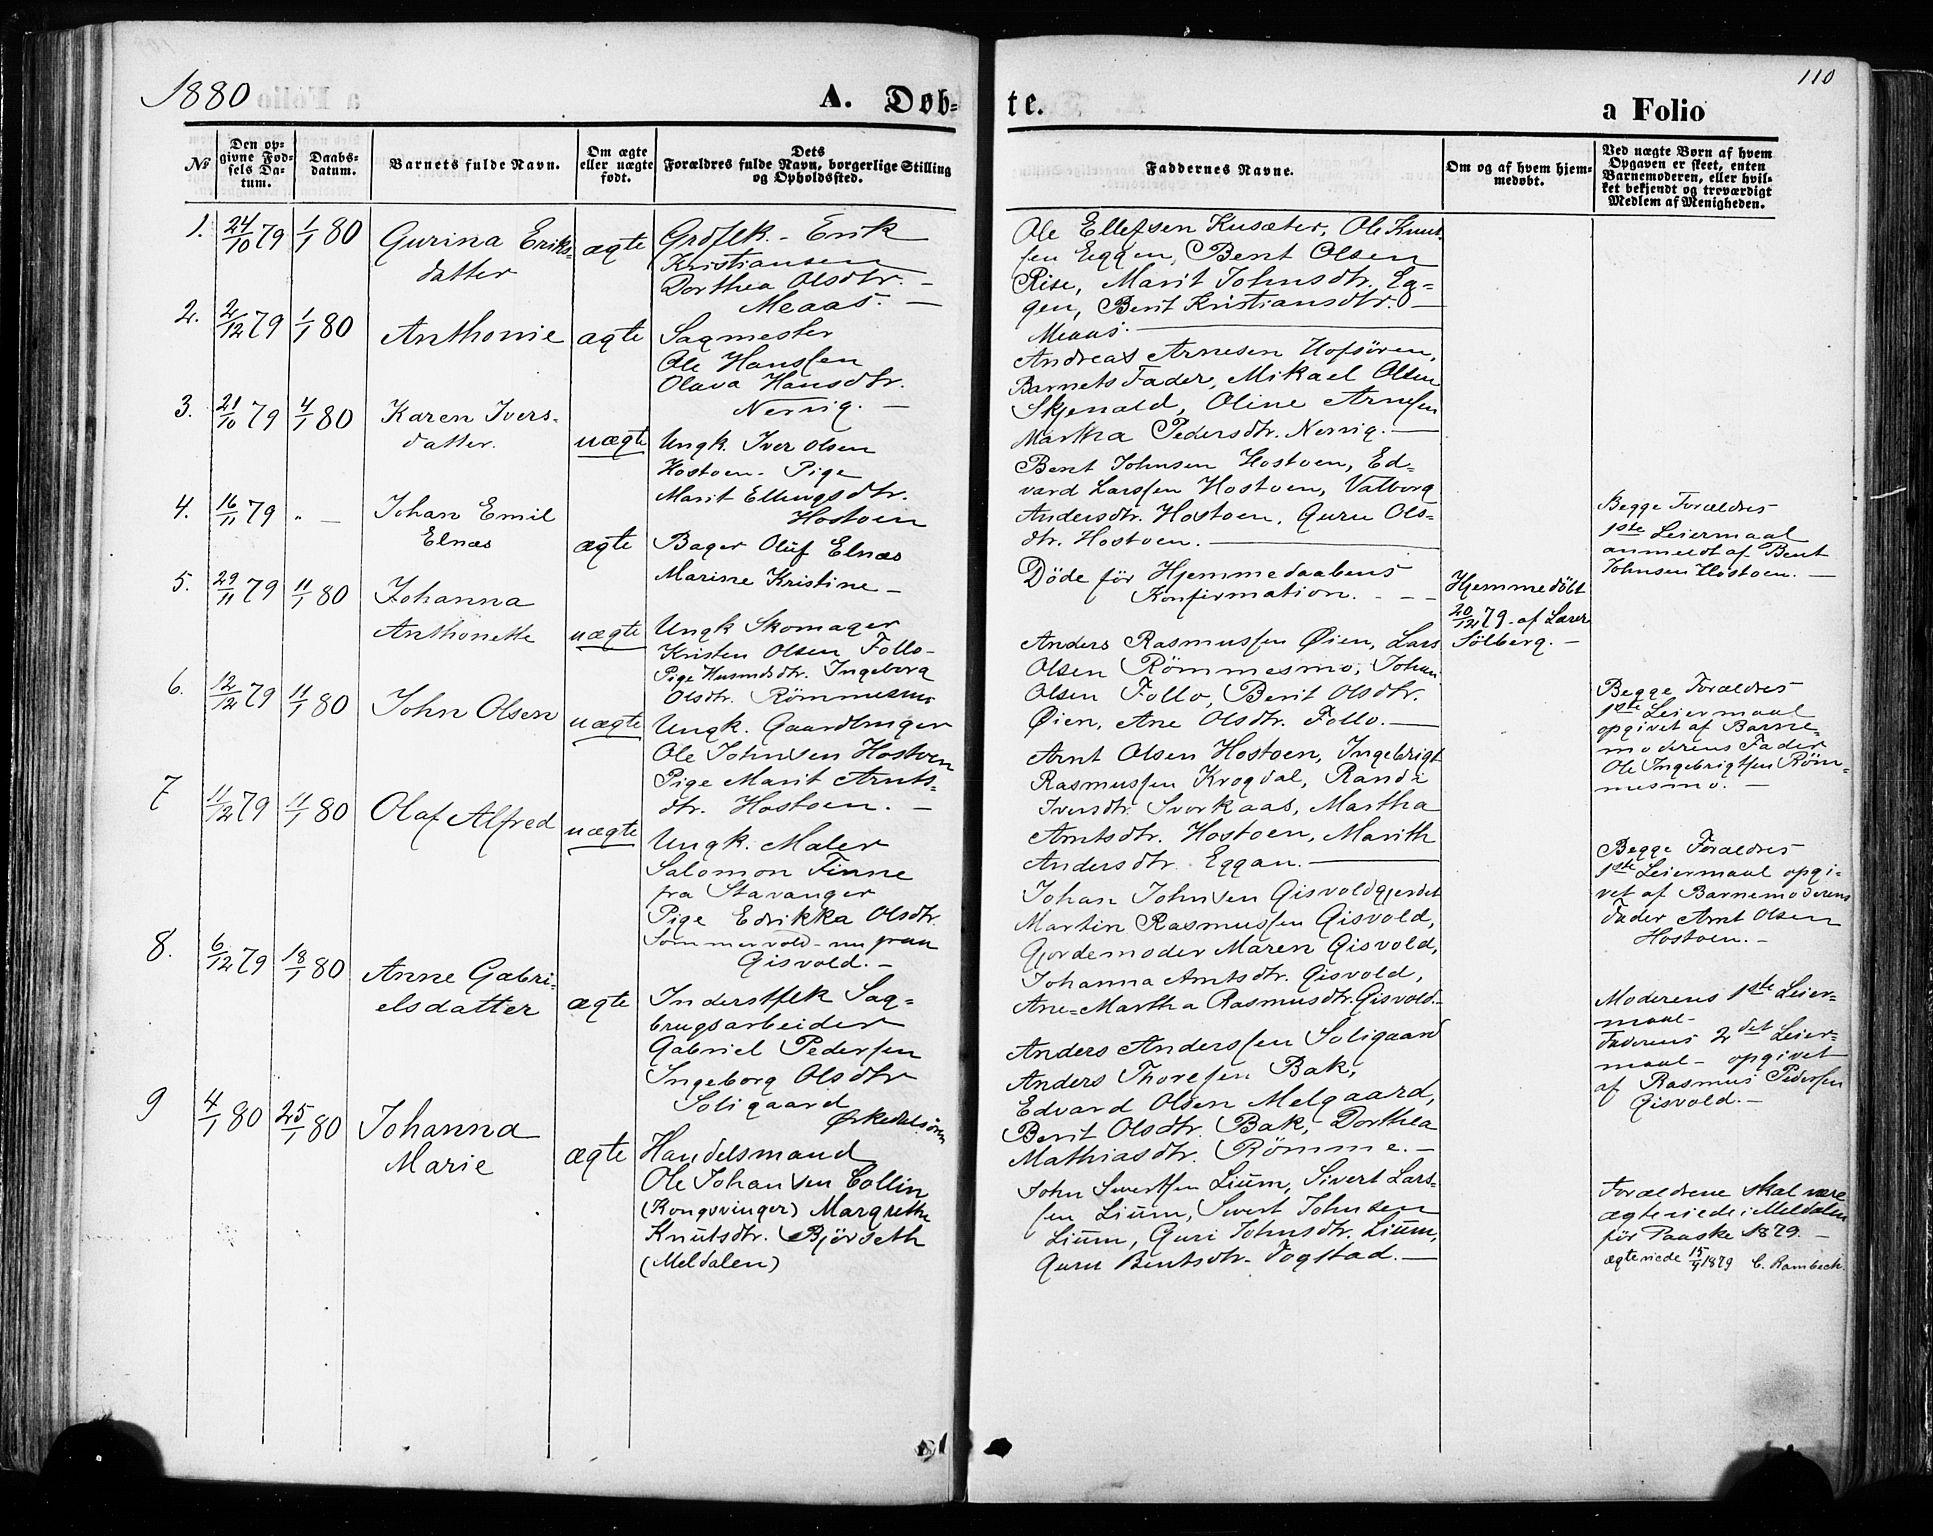 SAT, Ministerialprotokoller, klokkerbøker og fødselsregistre - Sør-Trøndelag, 668/L0807: Ministerialbok nr. 668A07, 1870-1880, s. 110